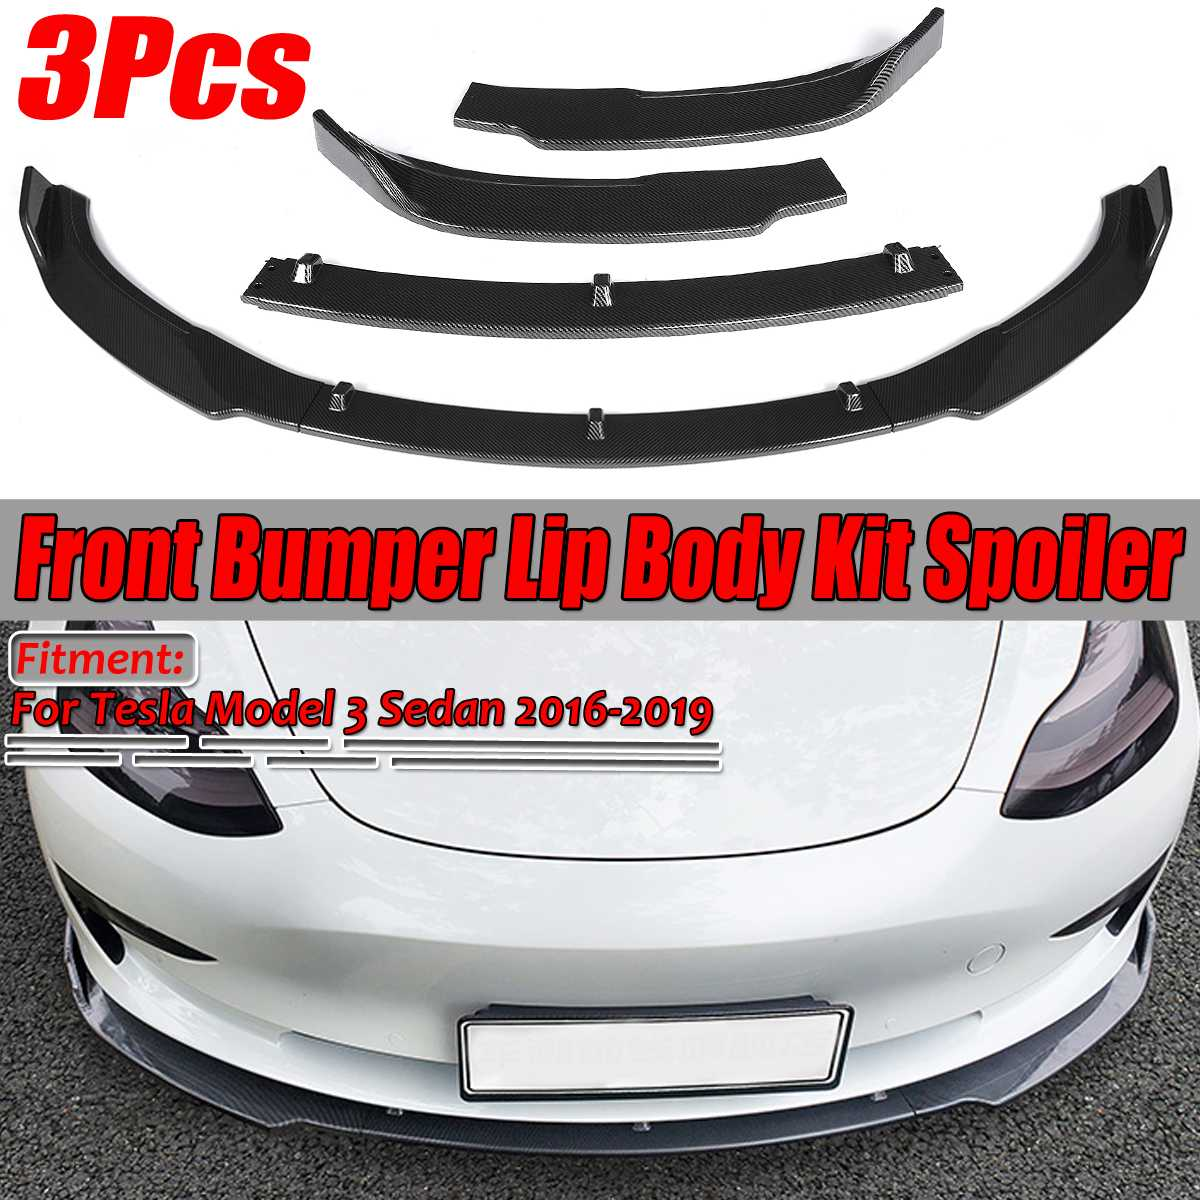 Yeni 3 adet karbon Fiber bakır/siyah araba ön tampon Splitter dudak gövde kiti Spoiler difüzör Guard Tesla model 3 Sedan 2016-2019